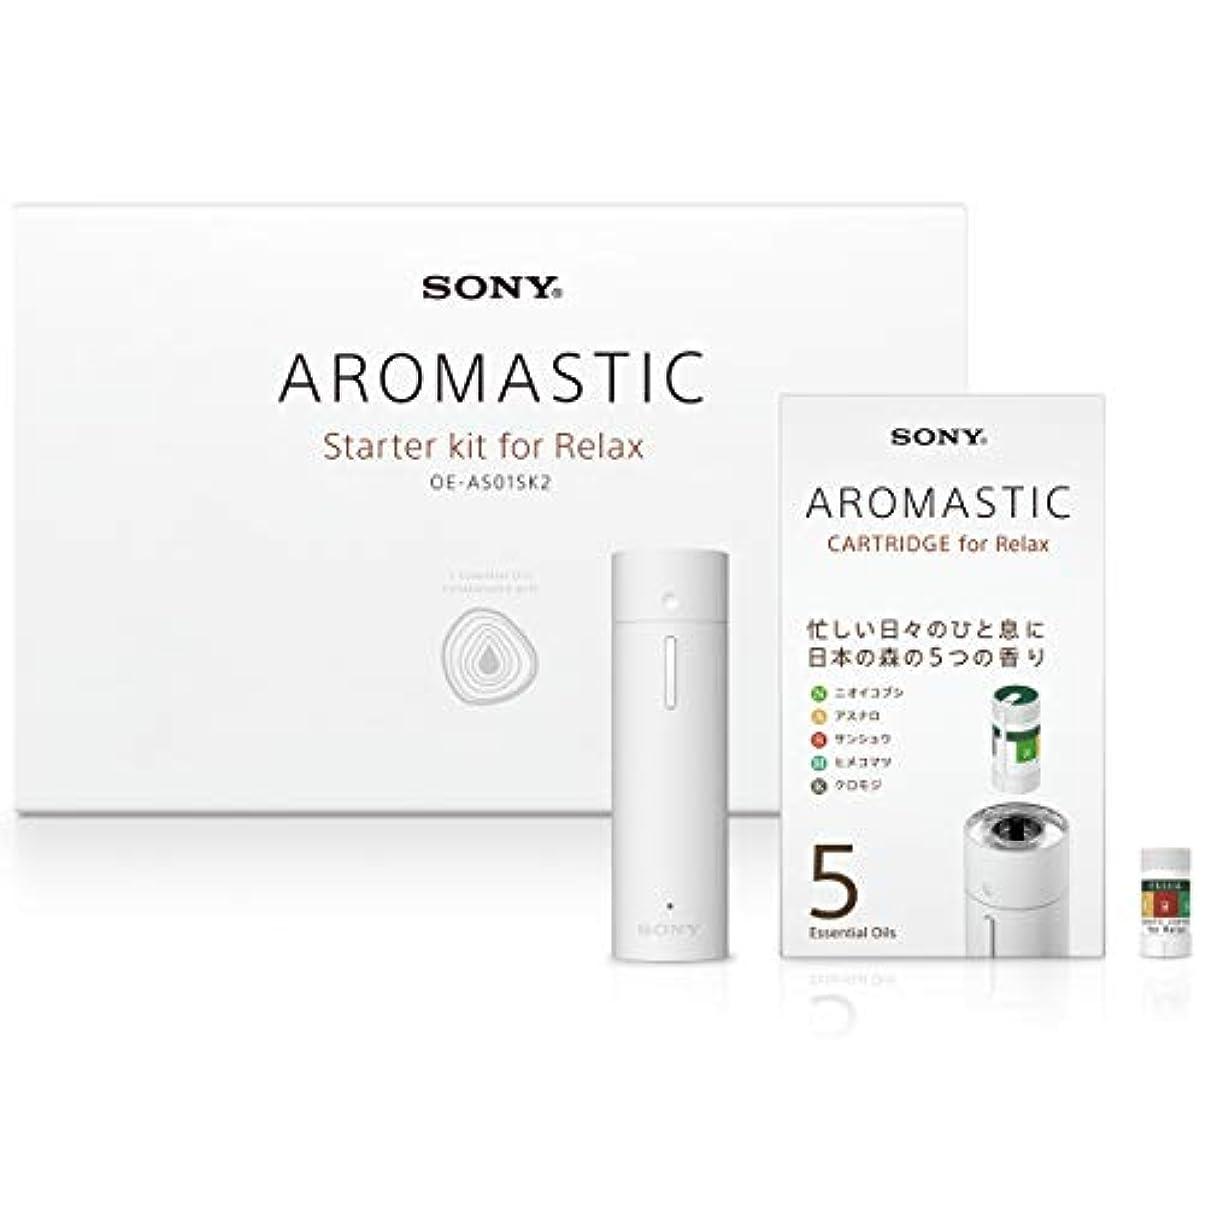 約設定どう?フルーツ野菜AROMASTIC Starter kit for Relax(スターターキット for Relax) OE-AS01SK2